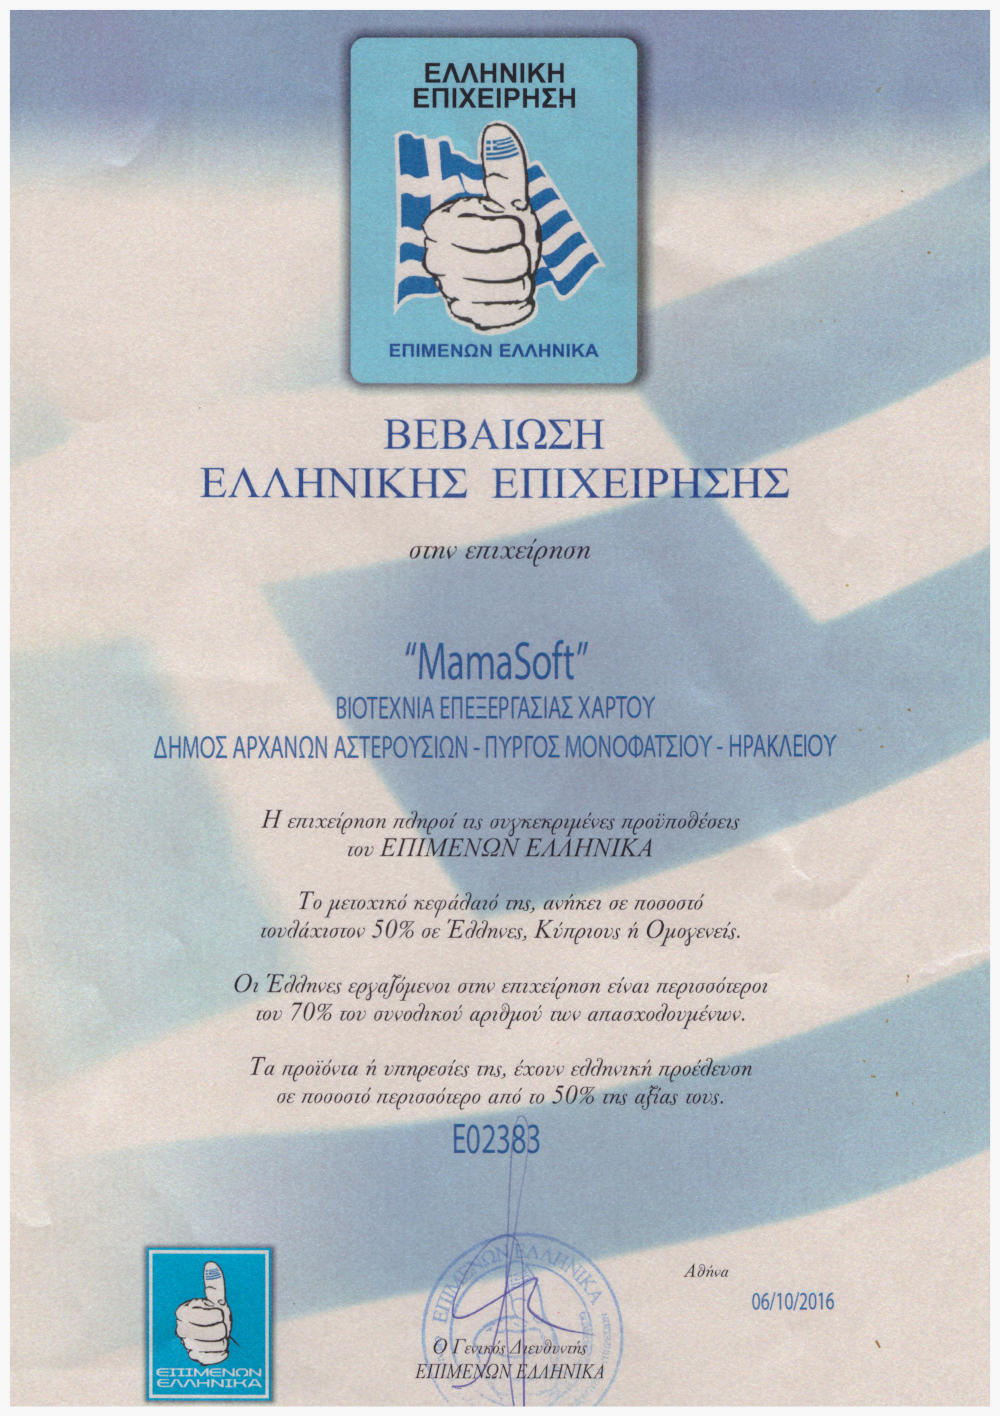 bebewsei-ellinikis-epixeiriseis